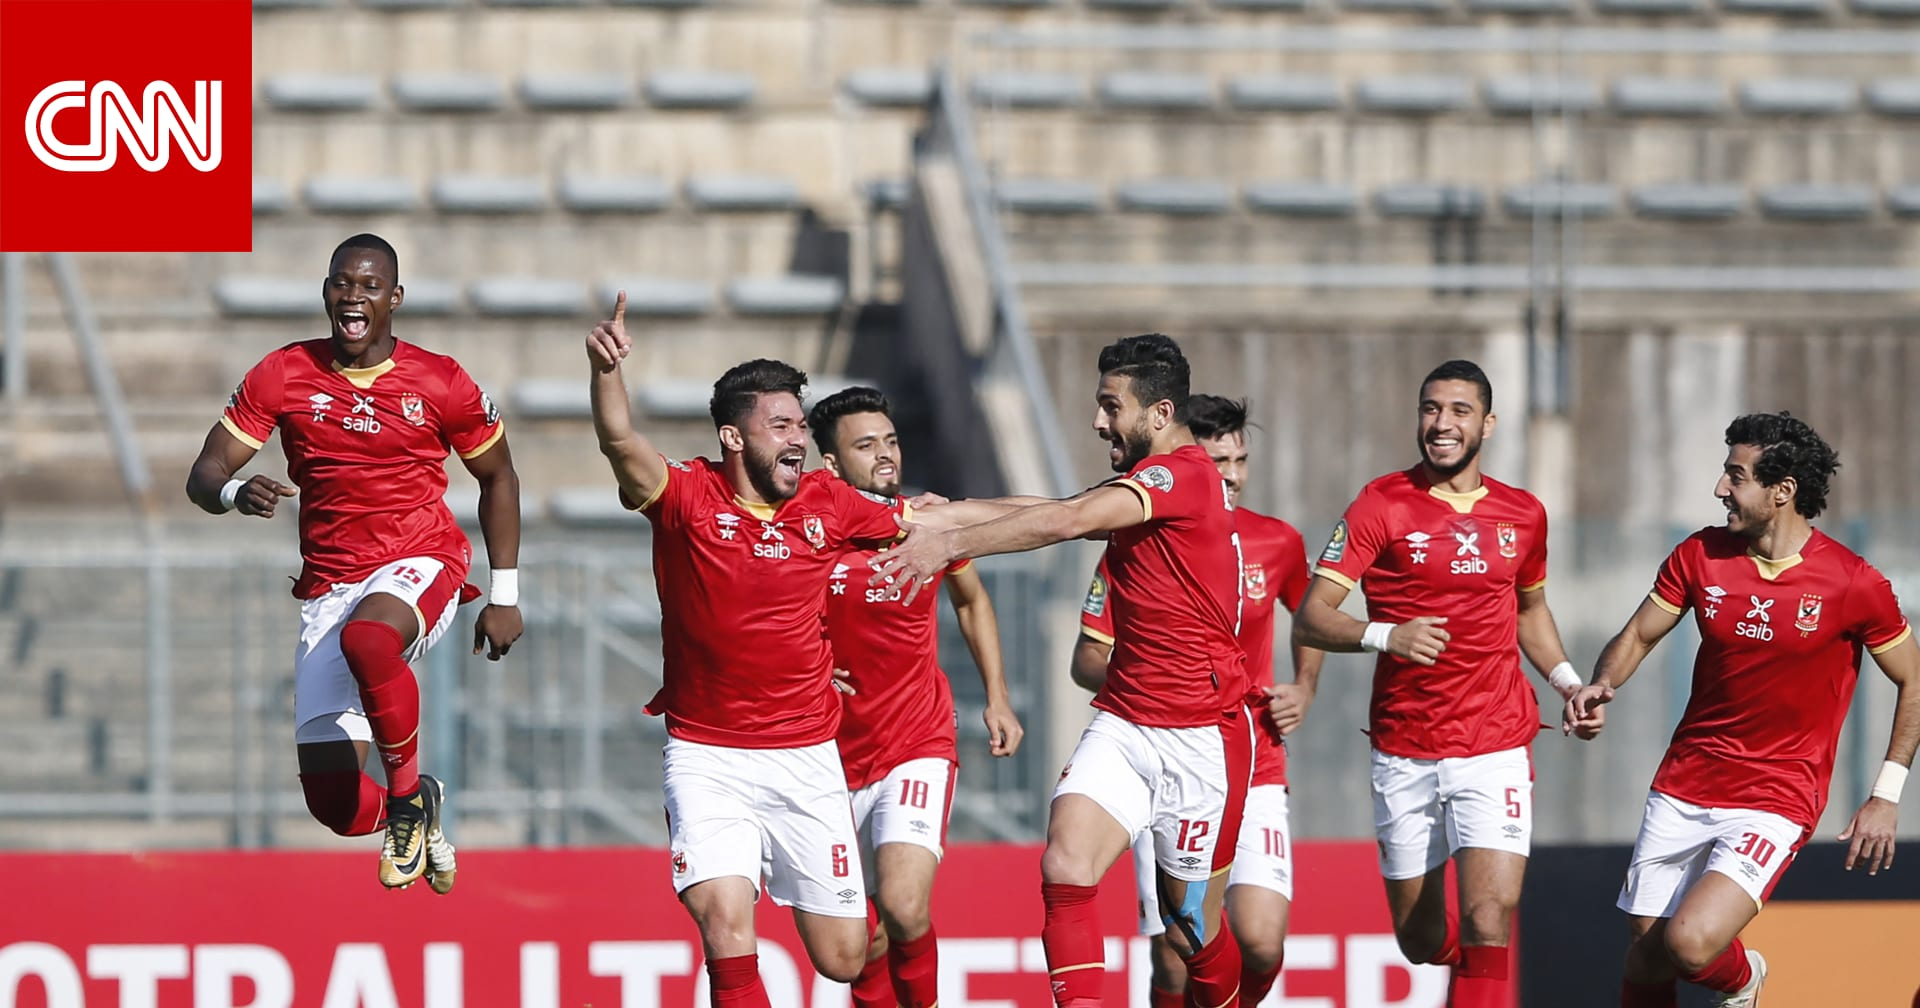 الأهلي يتأهل لنصف نهائي أبطال إفريقيا بعد التعادل مع صن داونز